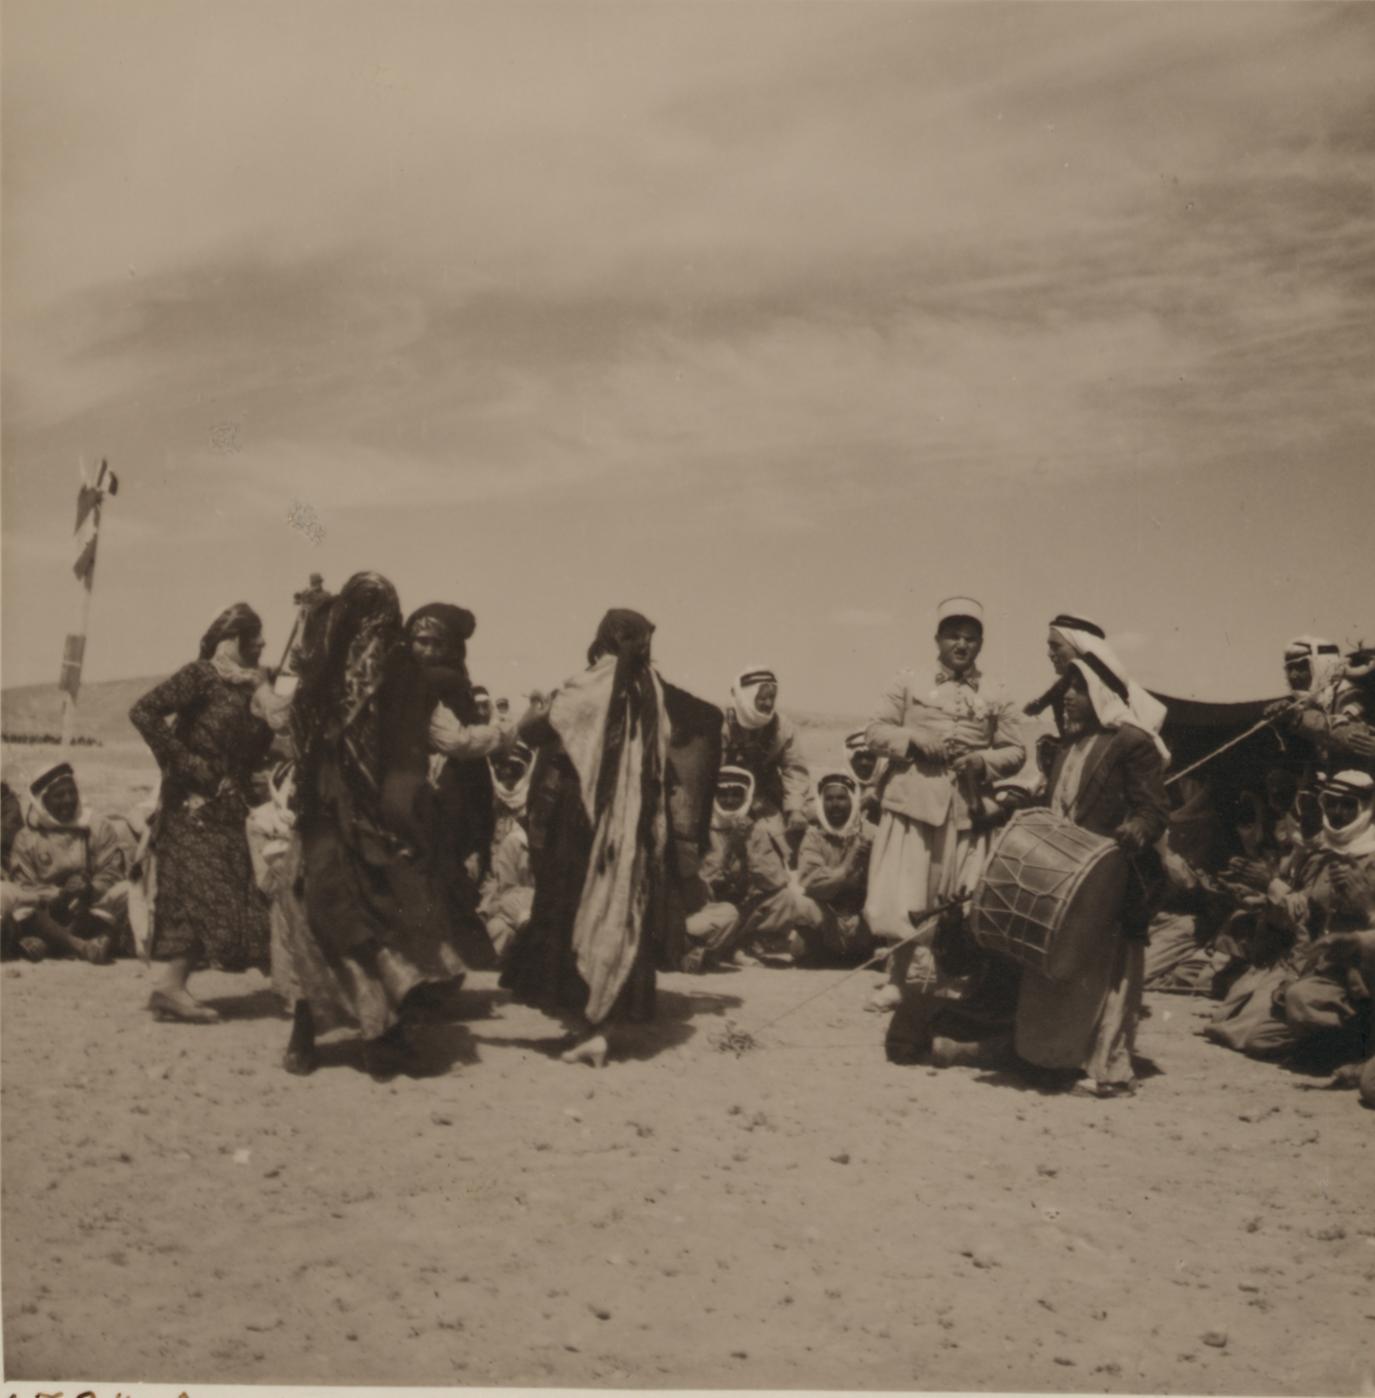 06. Свадьба бедуинов. Танцы перед невестой возле палатки